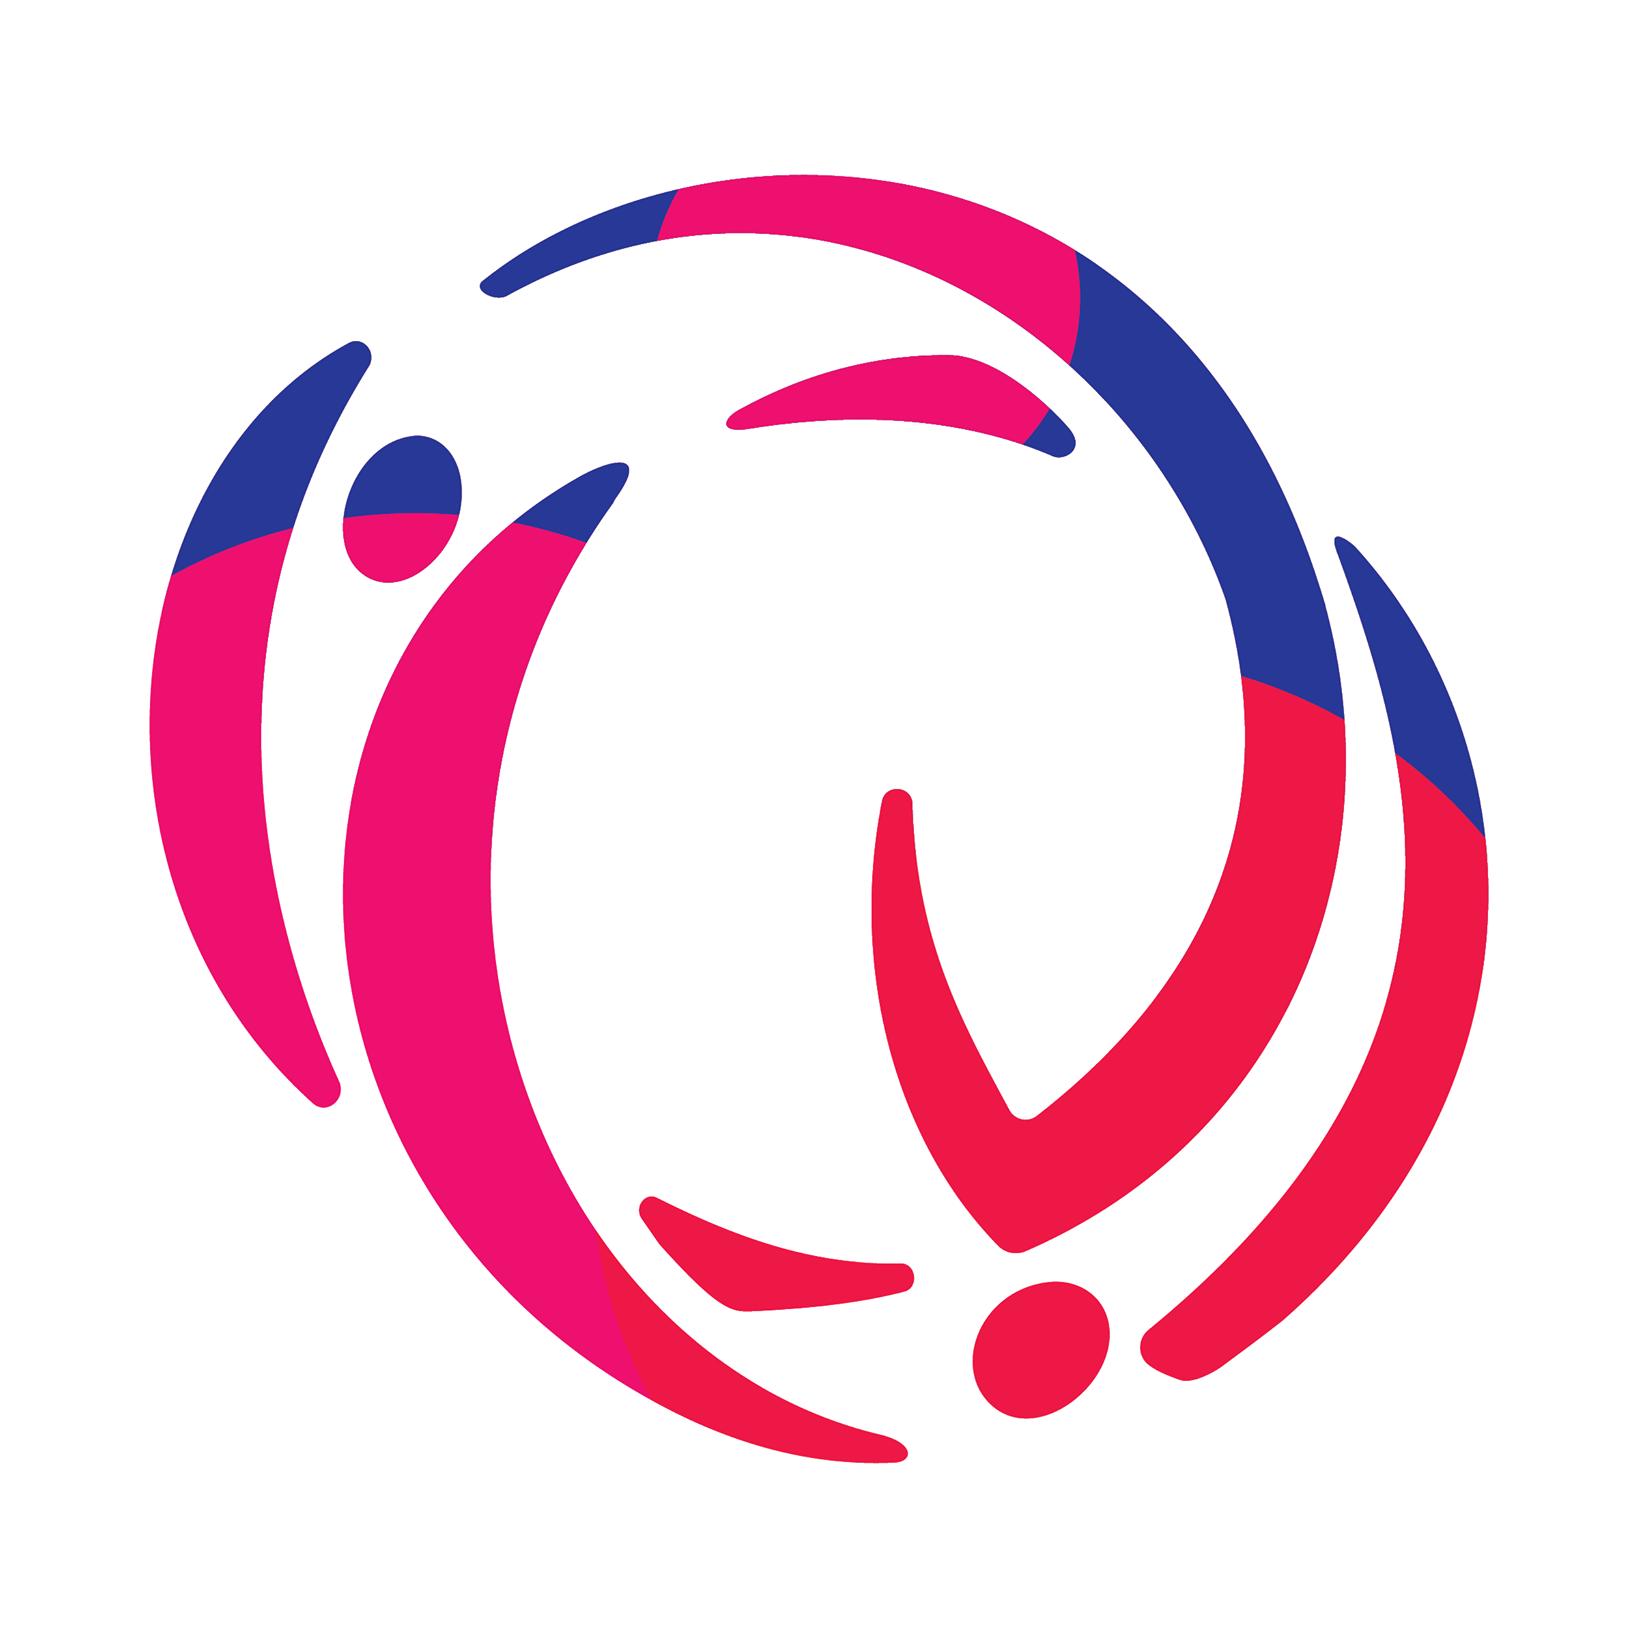 2023 Rhythmic Gymnastics European Championships